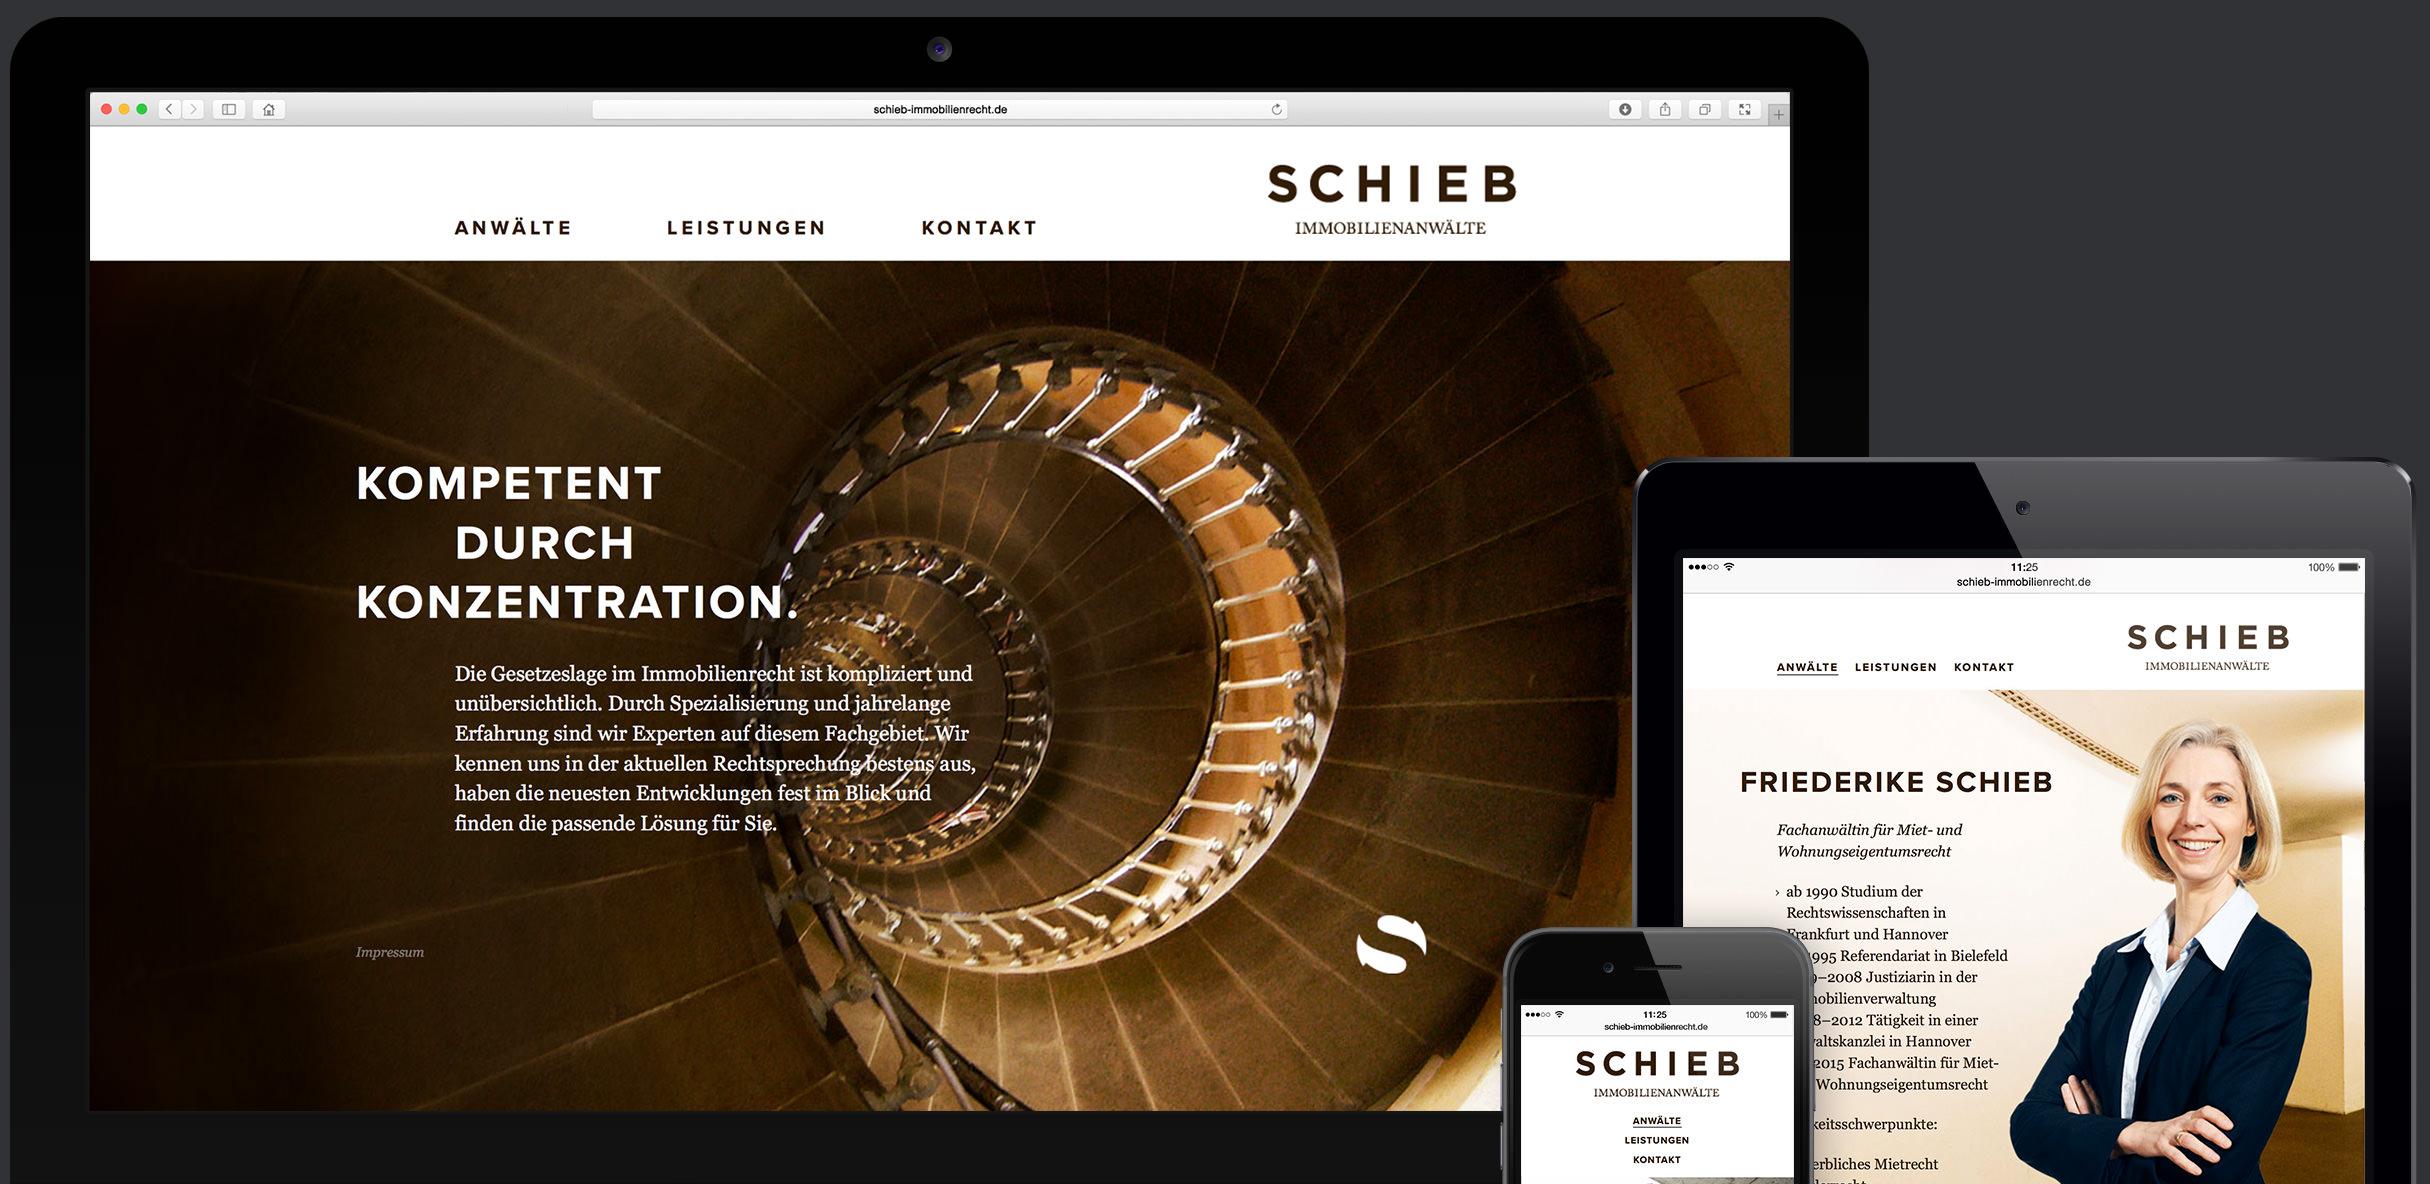 schieb_8a